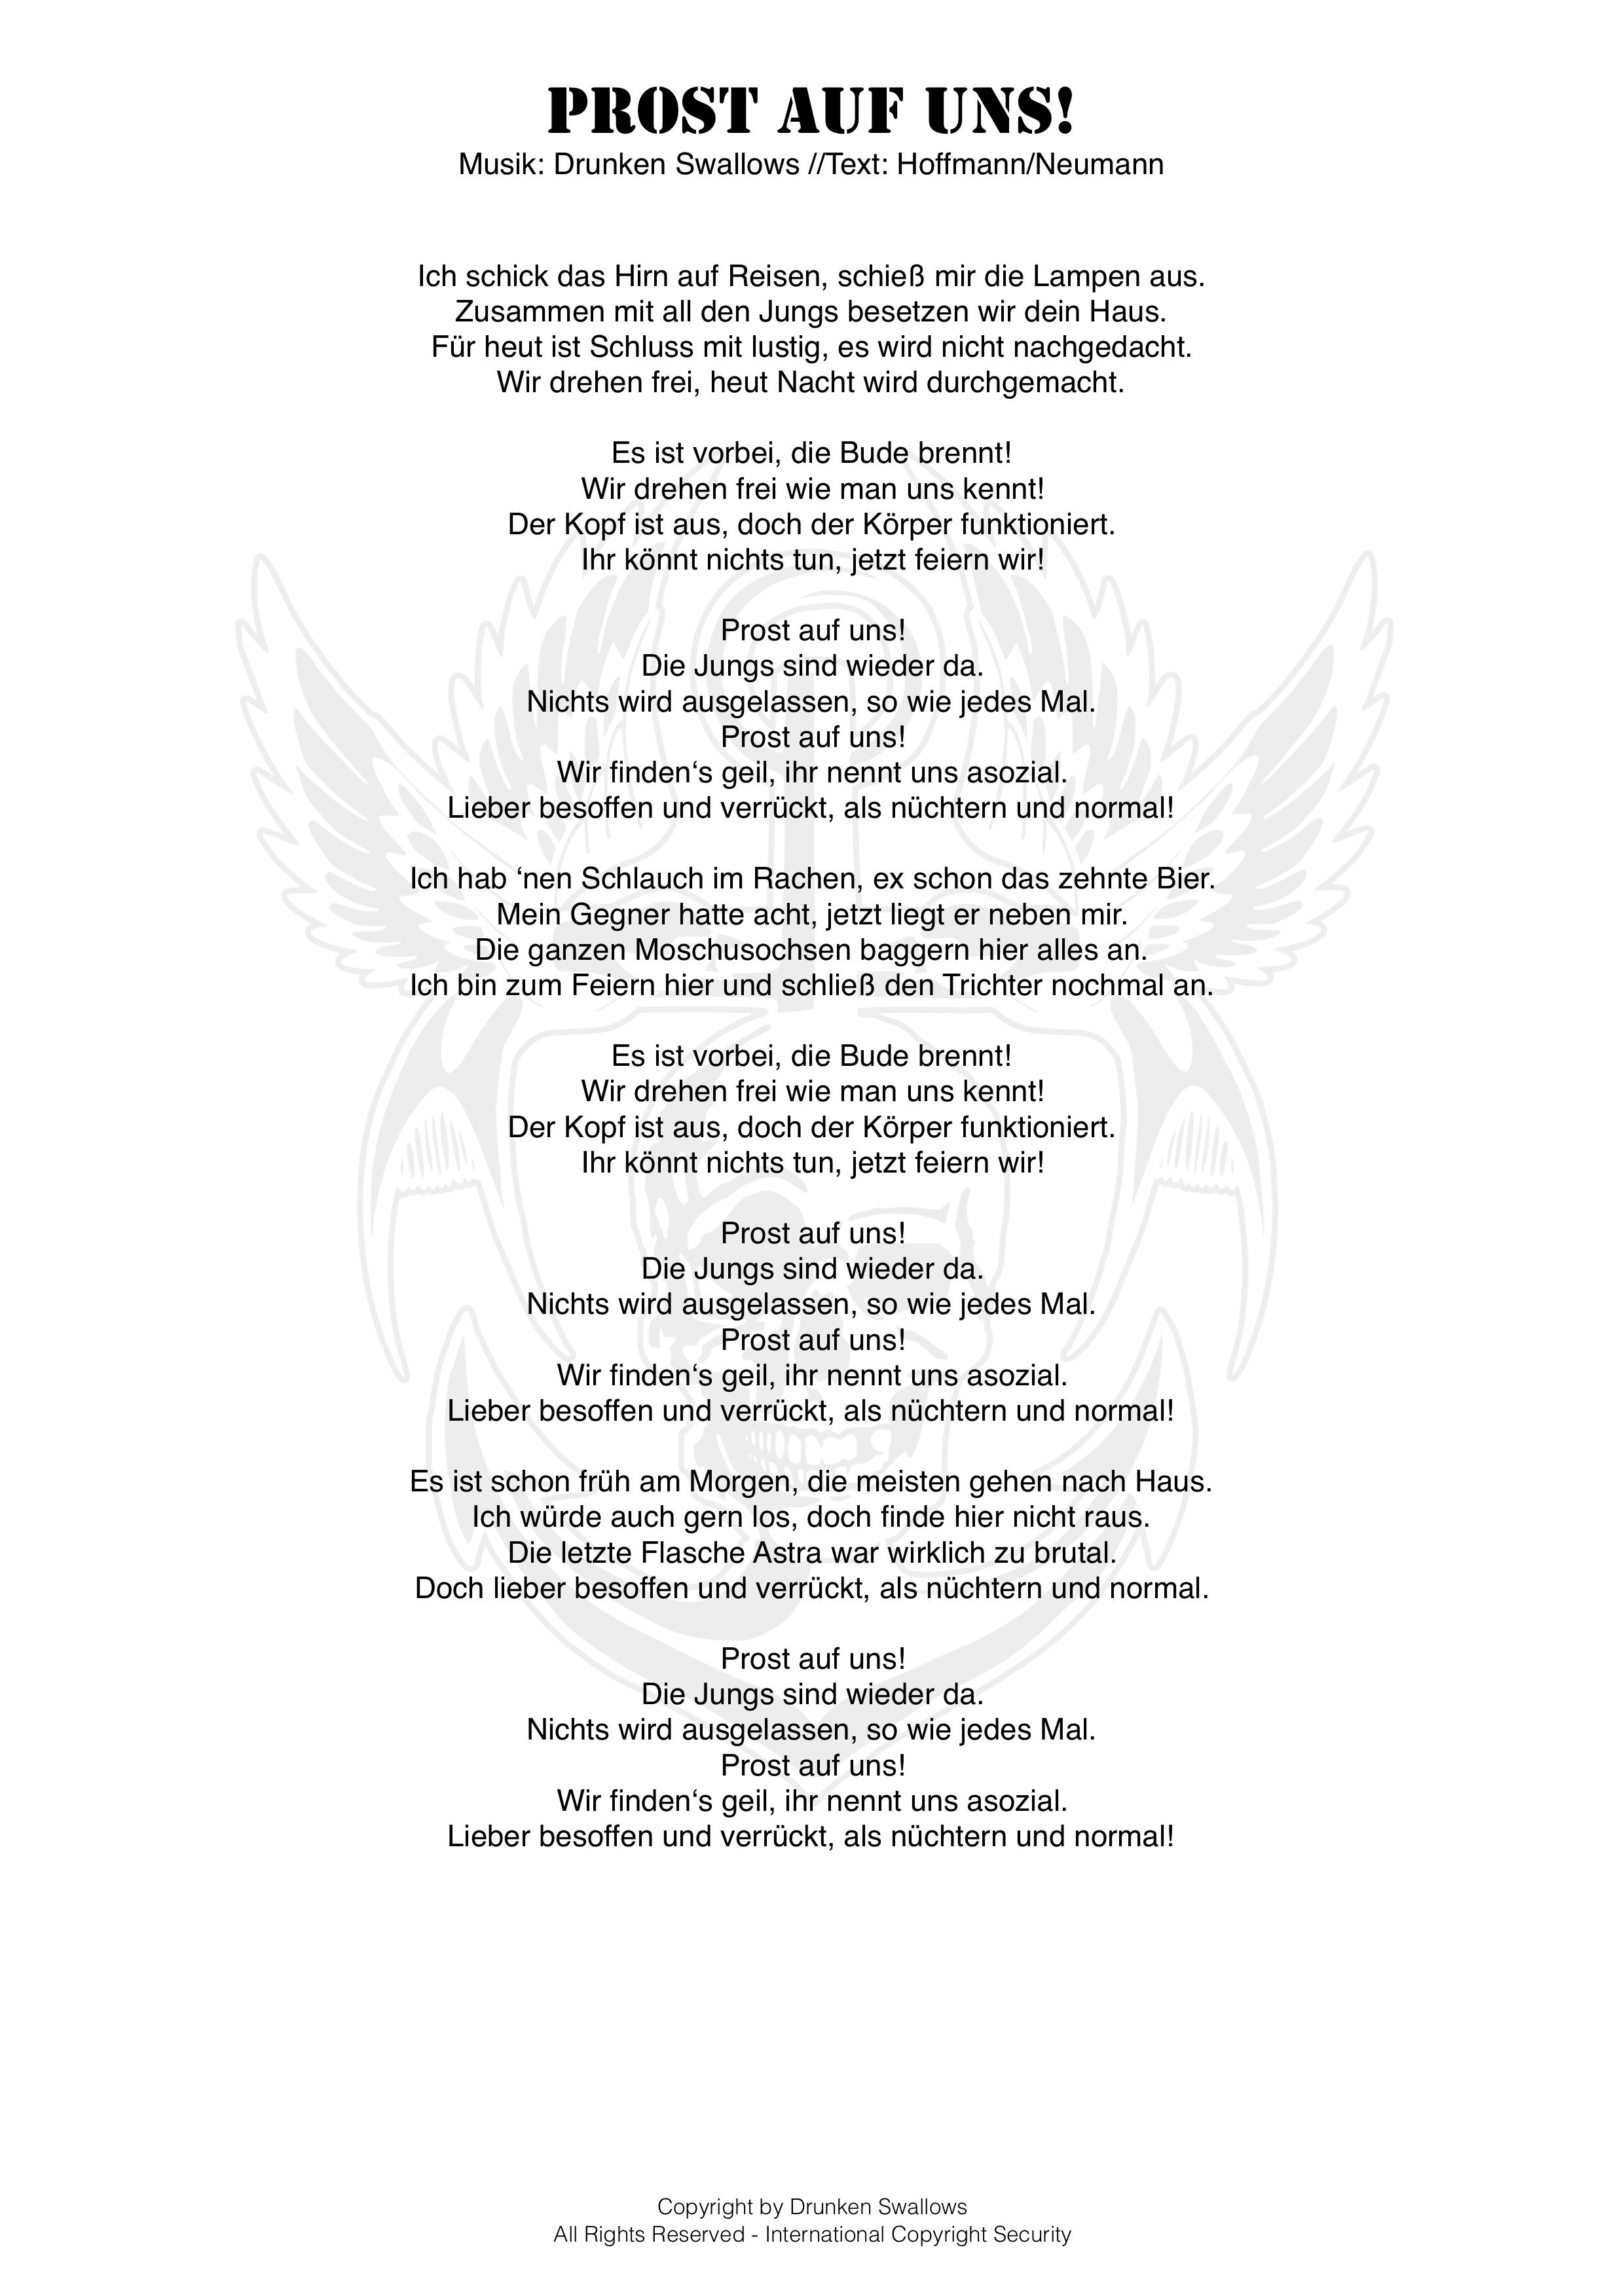 letztes kapitel lyrics